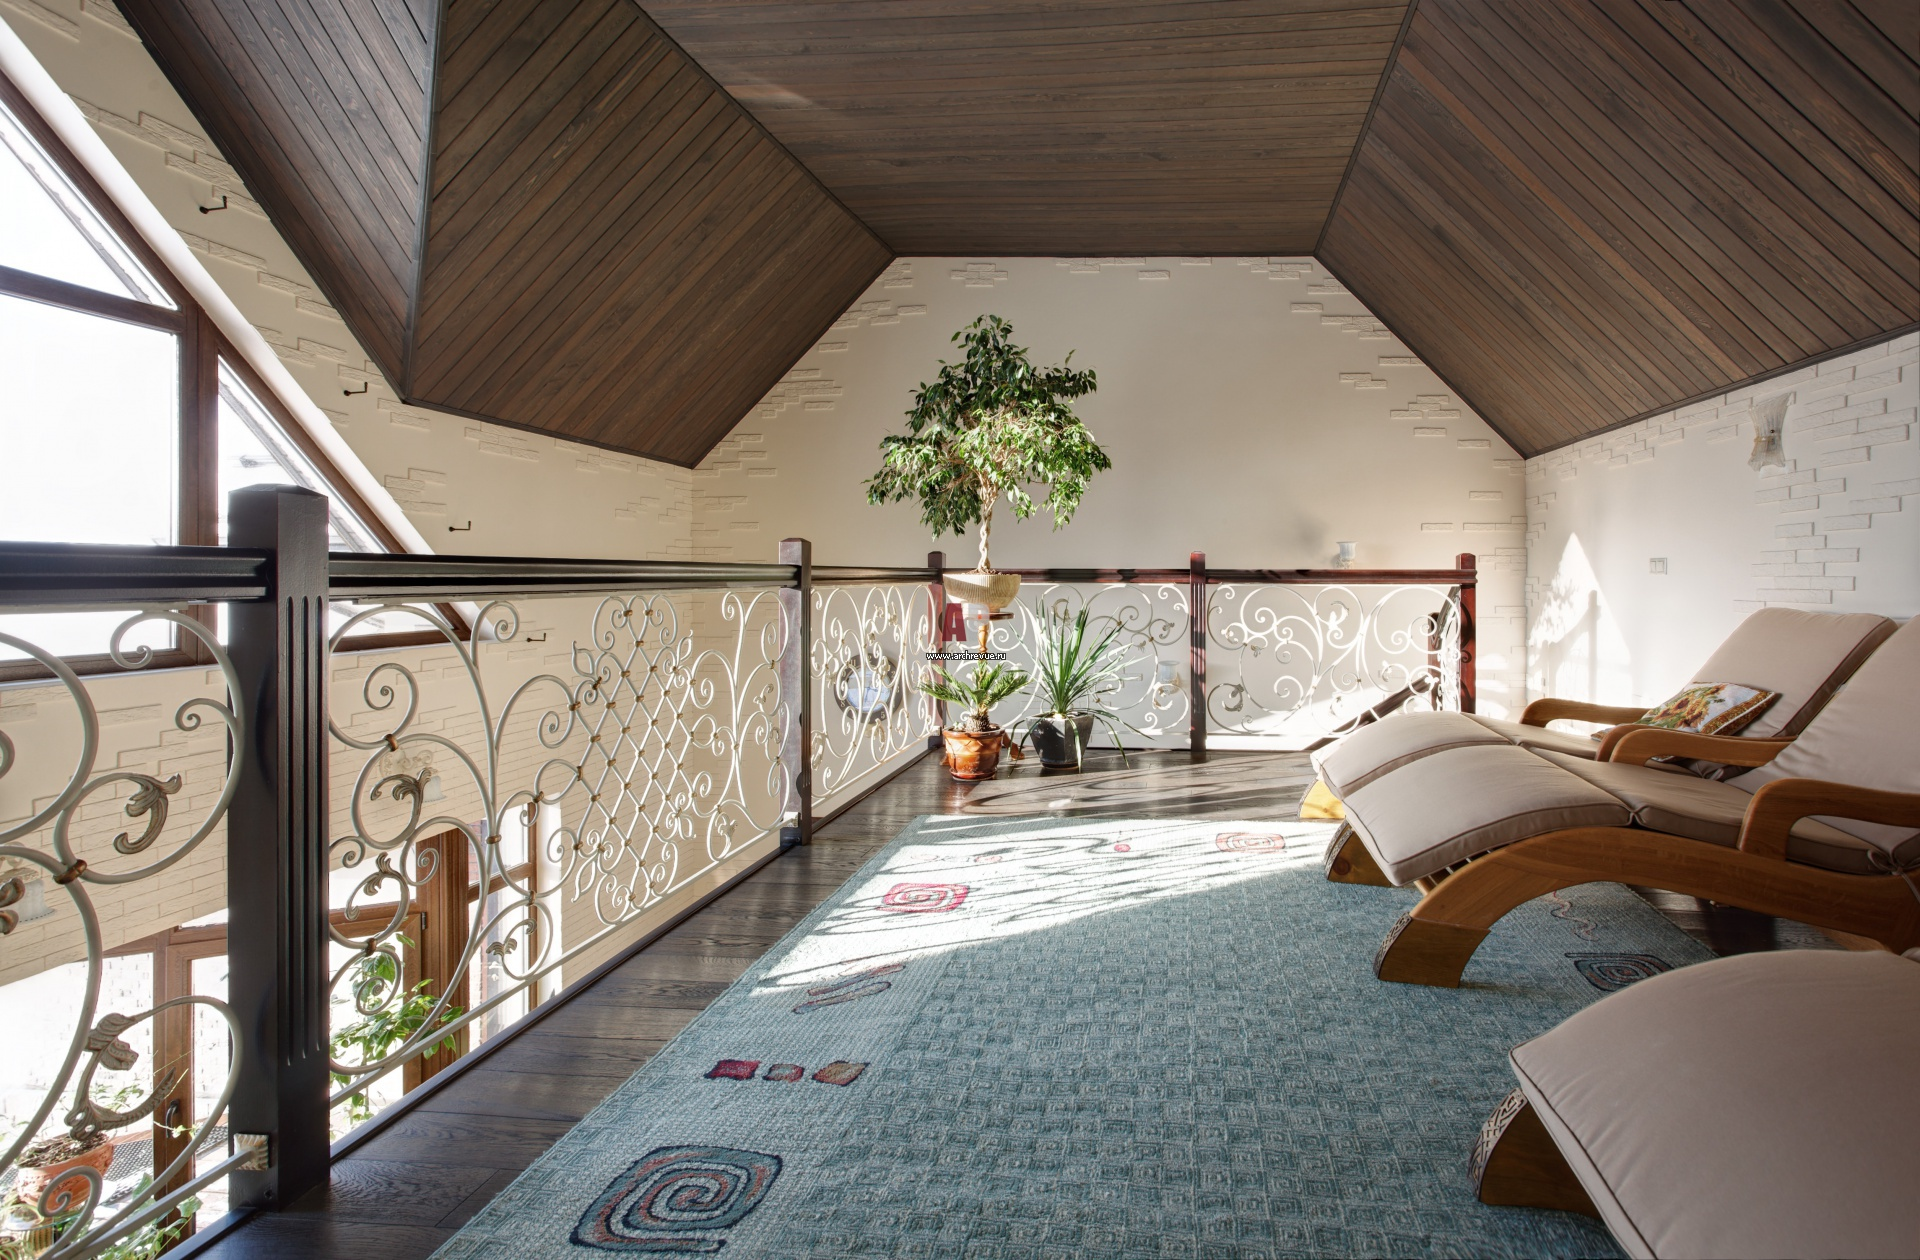 Фото интерьера балкона небольшого дома в стиле неоклассика.